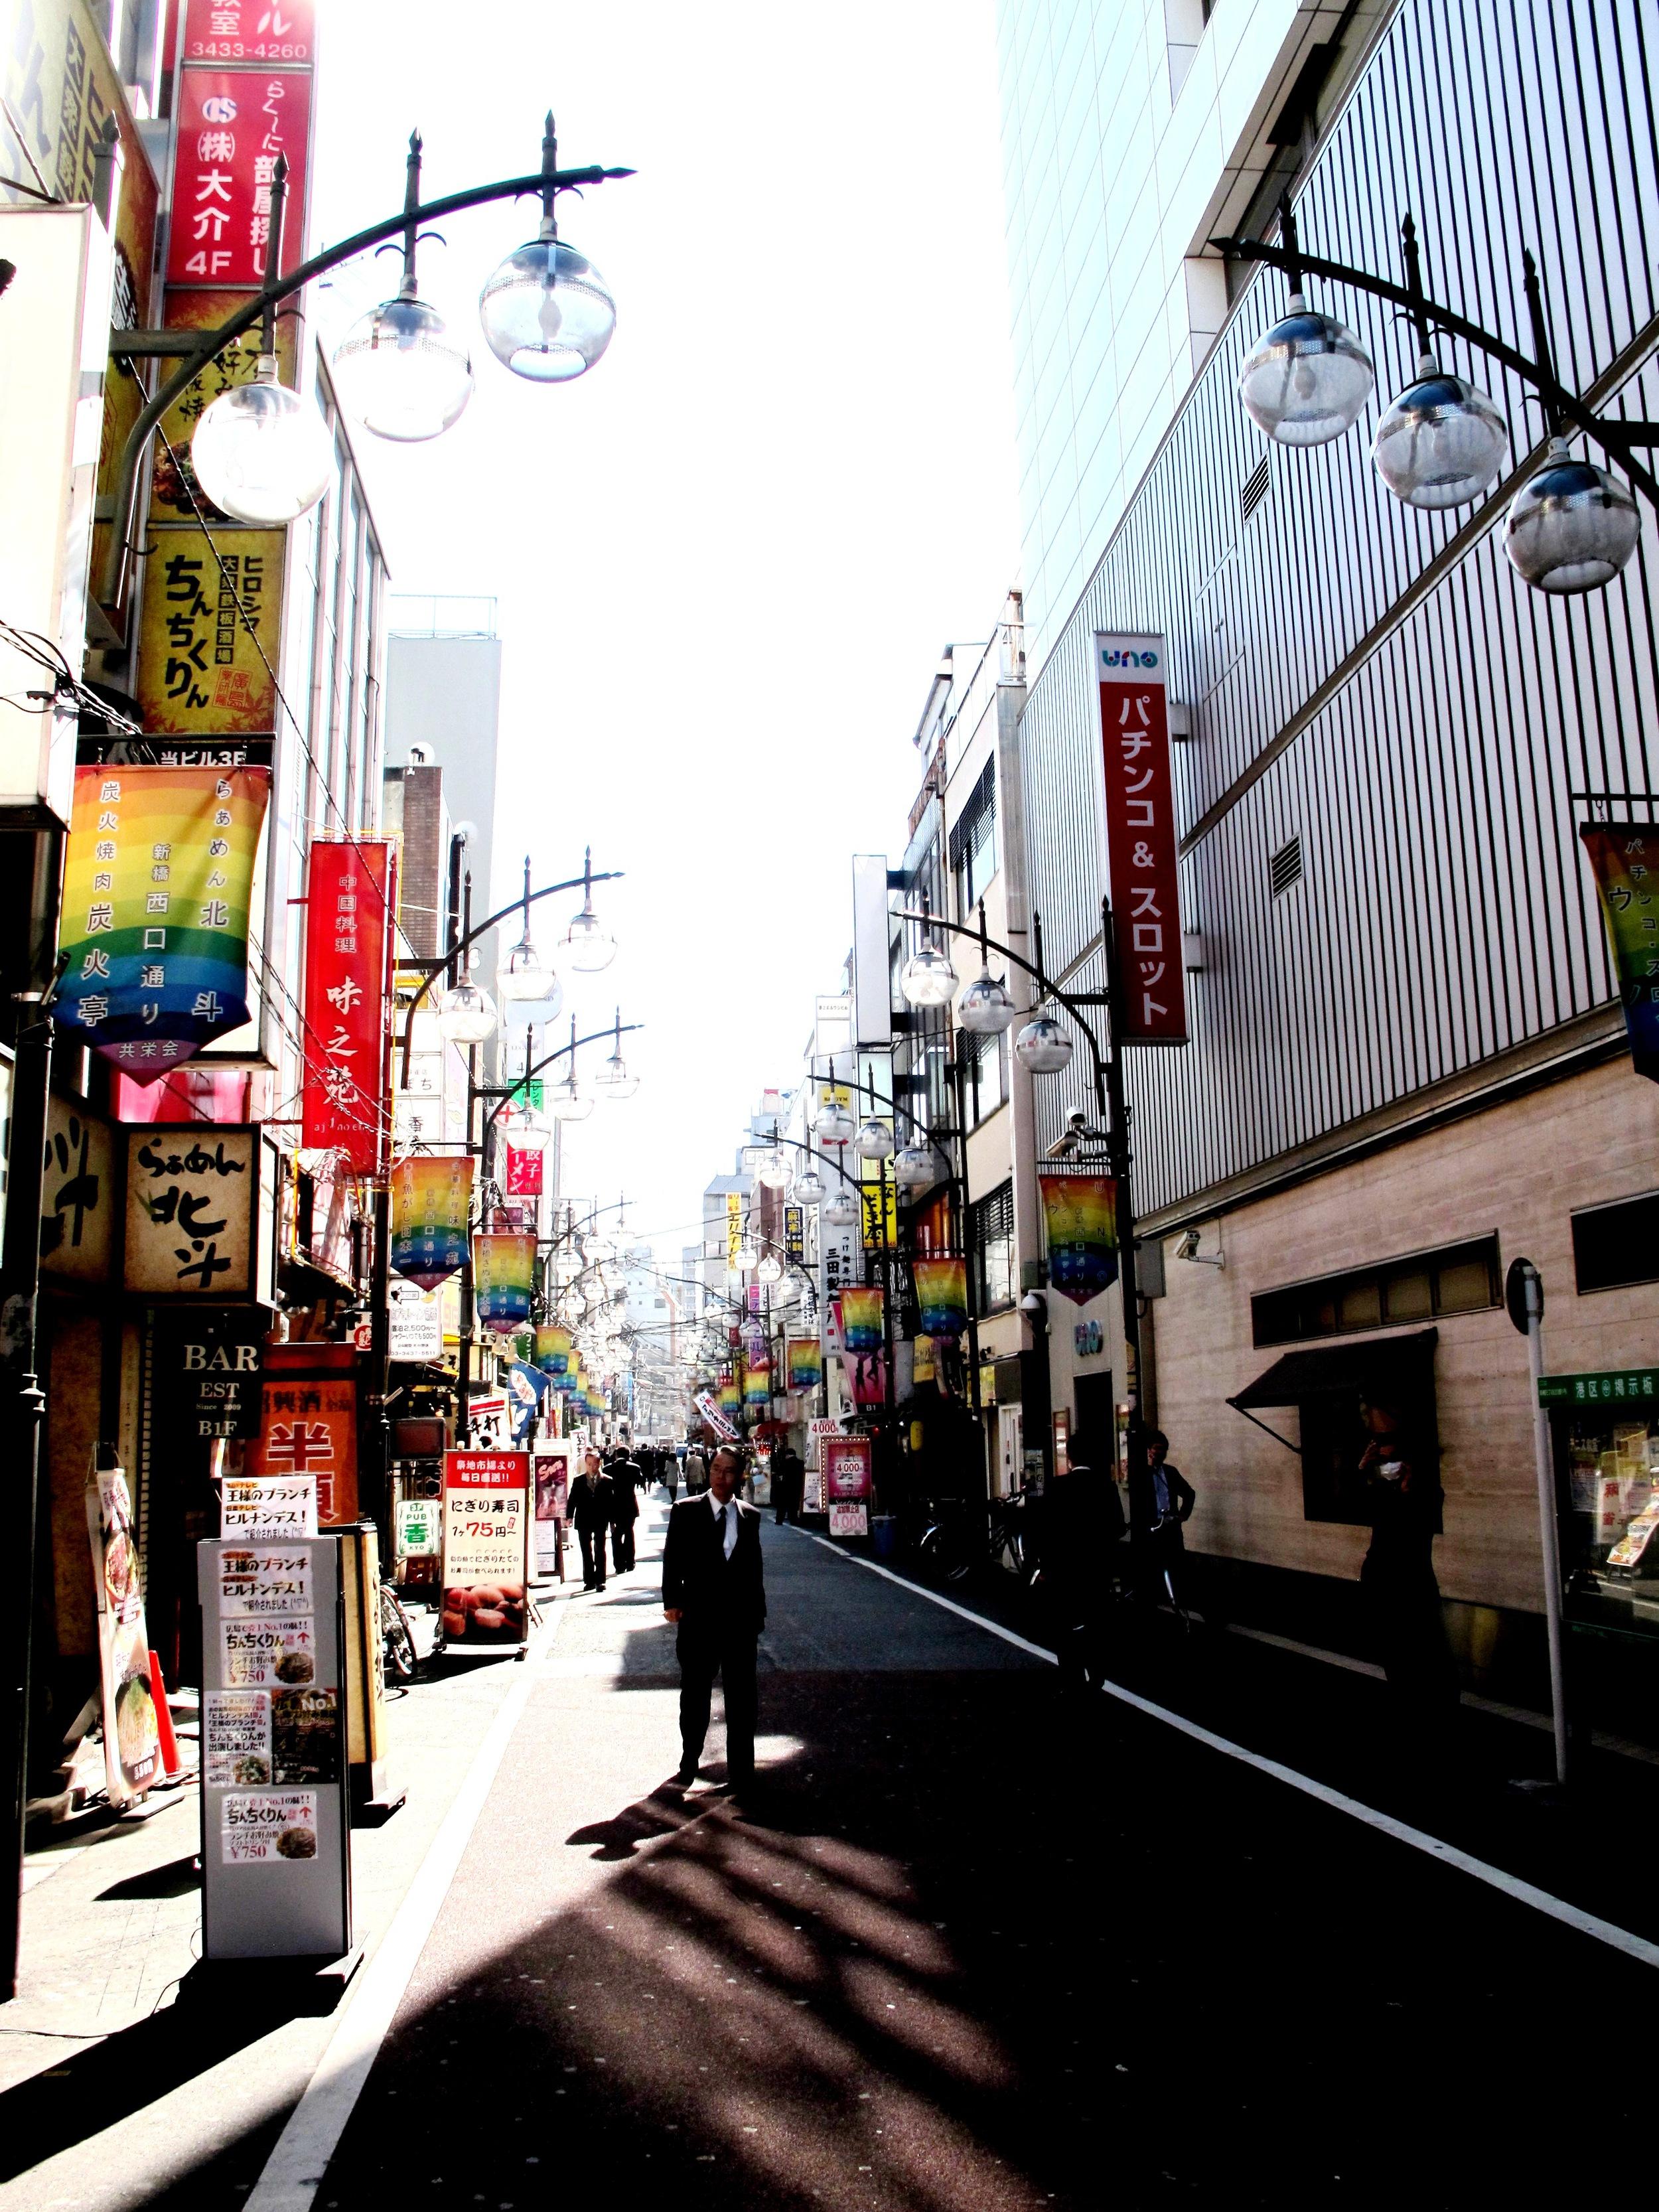 shinbashi, tokyo / 2013